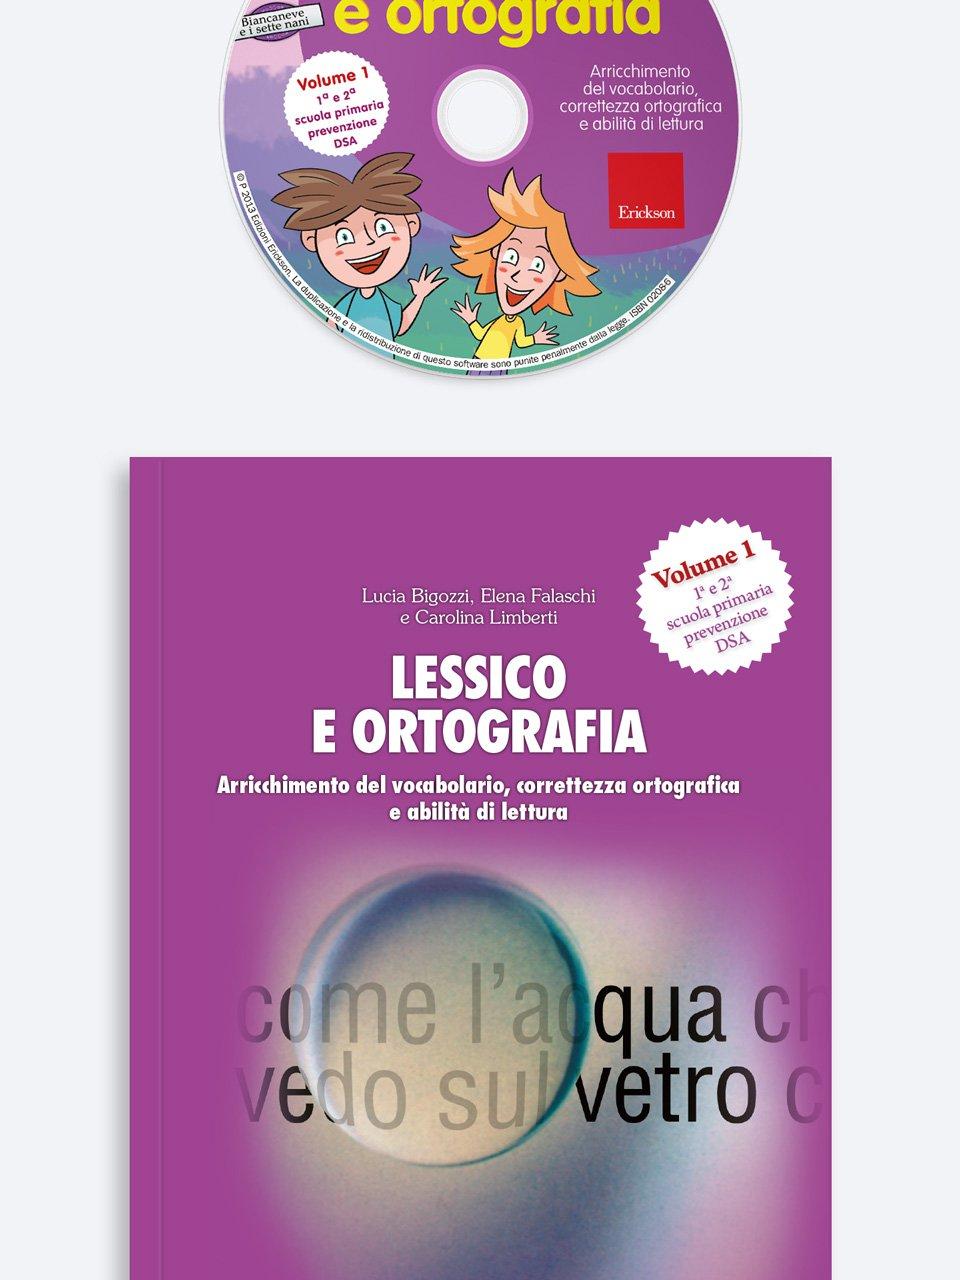 Lessico e ortografia - Volume 1 - Tablet delle regole di Italiano - Libri - Erickson 3